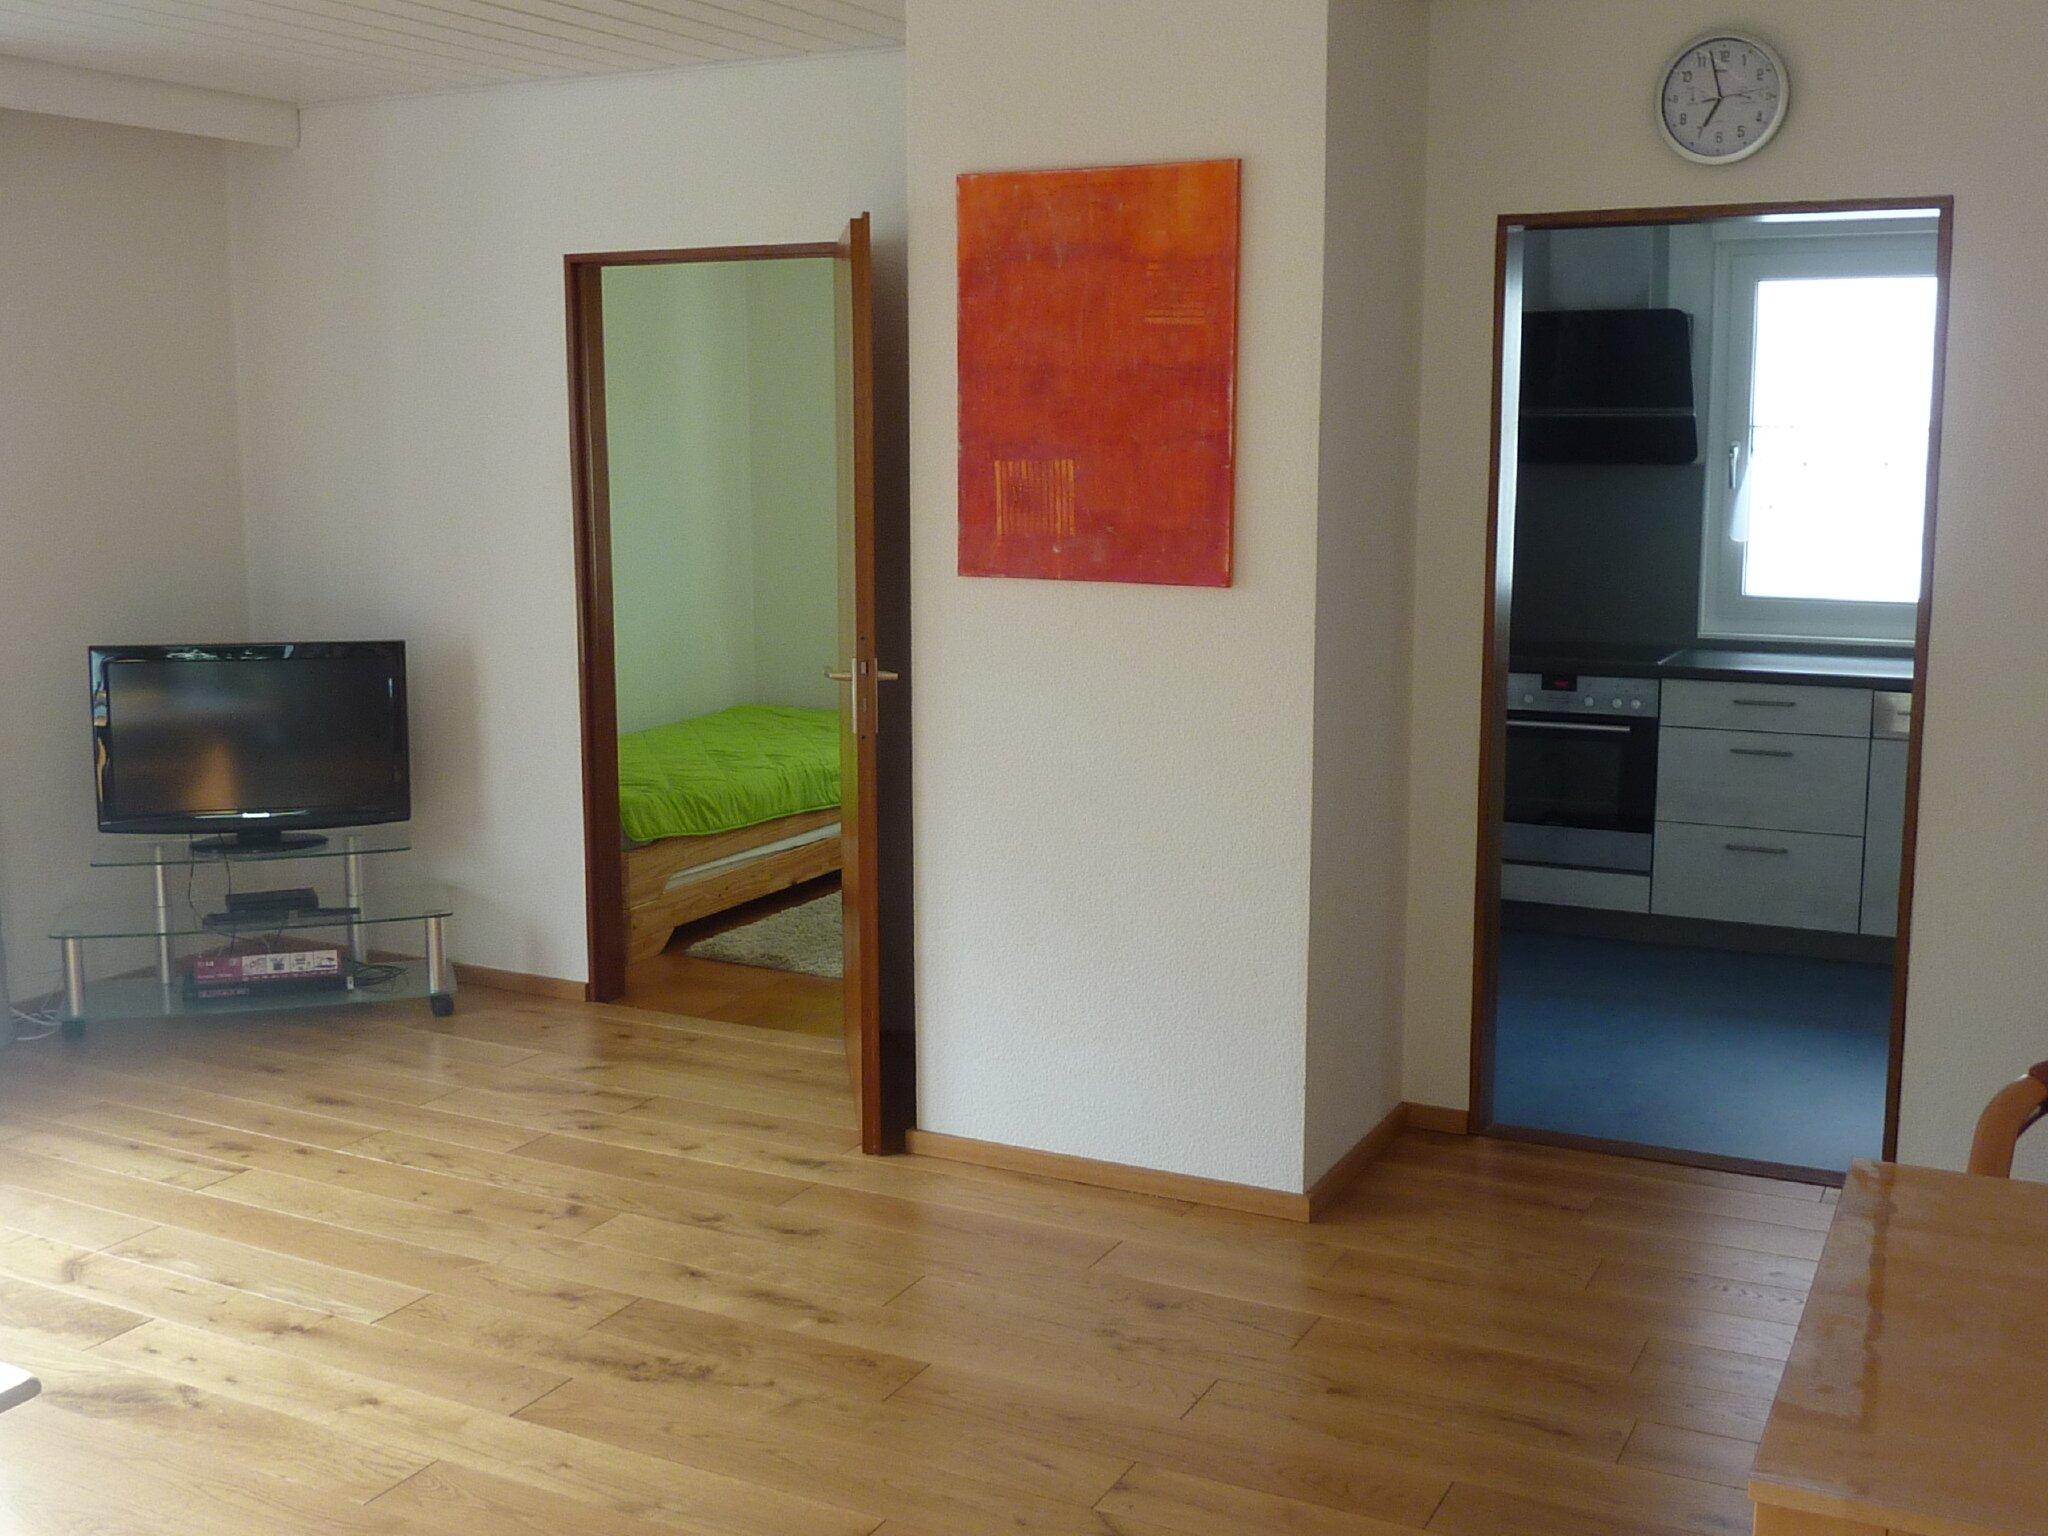 Wohnzimmer, kl. Schlafzimmer und küche